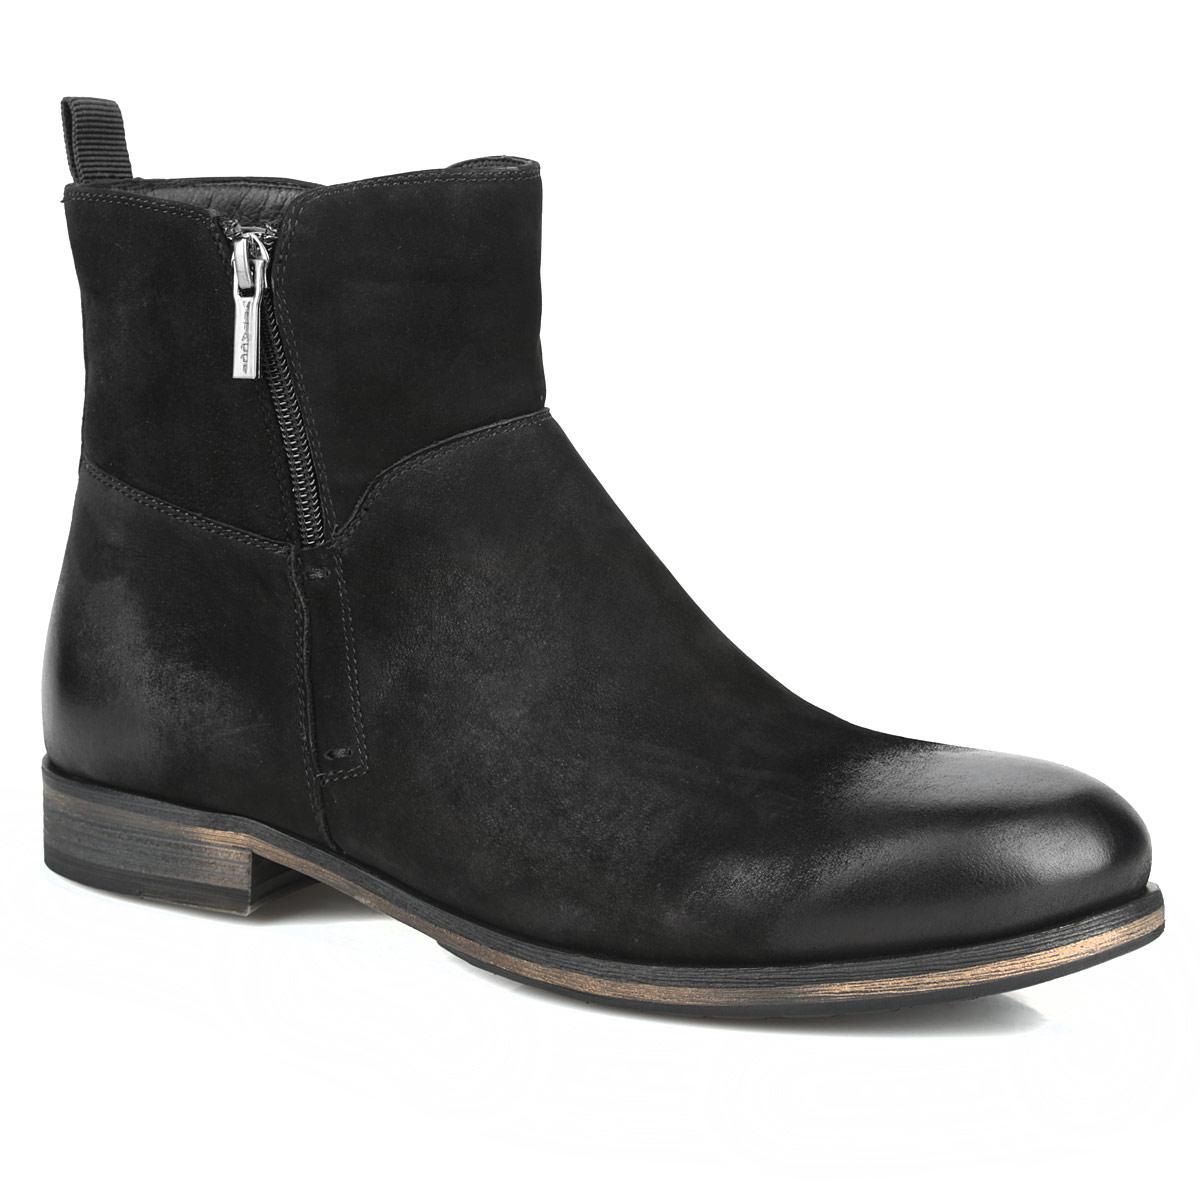 Ботинки мужские. M21274M21274Стильные мужские ботинки от Vitacci заинтересуют вас своим дизайном с первого взгляда! Модель выполнена из натурального нубука, плавно переходящего в гладкую кожу на мысе и заднике. Задник декорирован наружным ремнем и ярлычком. Подкладка и стелька, выполненные из мягкого ворсина, защитят ноги от холода и обеспечат комфорт. Сбоку изделие оформлено молнией. Ботинки застегиваются на застежку-молнию, расположенную сбоку. Подошва из резины с рельефным протектором обеспечивает отличное сцепление на любой поверхности. В этих ботинках вашим ногам будет комфортно и уютно. Они подчеркнут ваш стиль и индивидуальность.